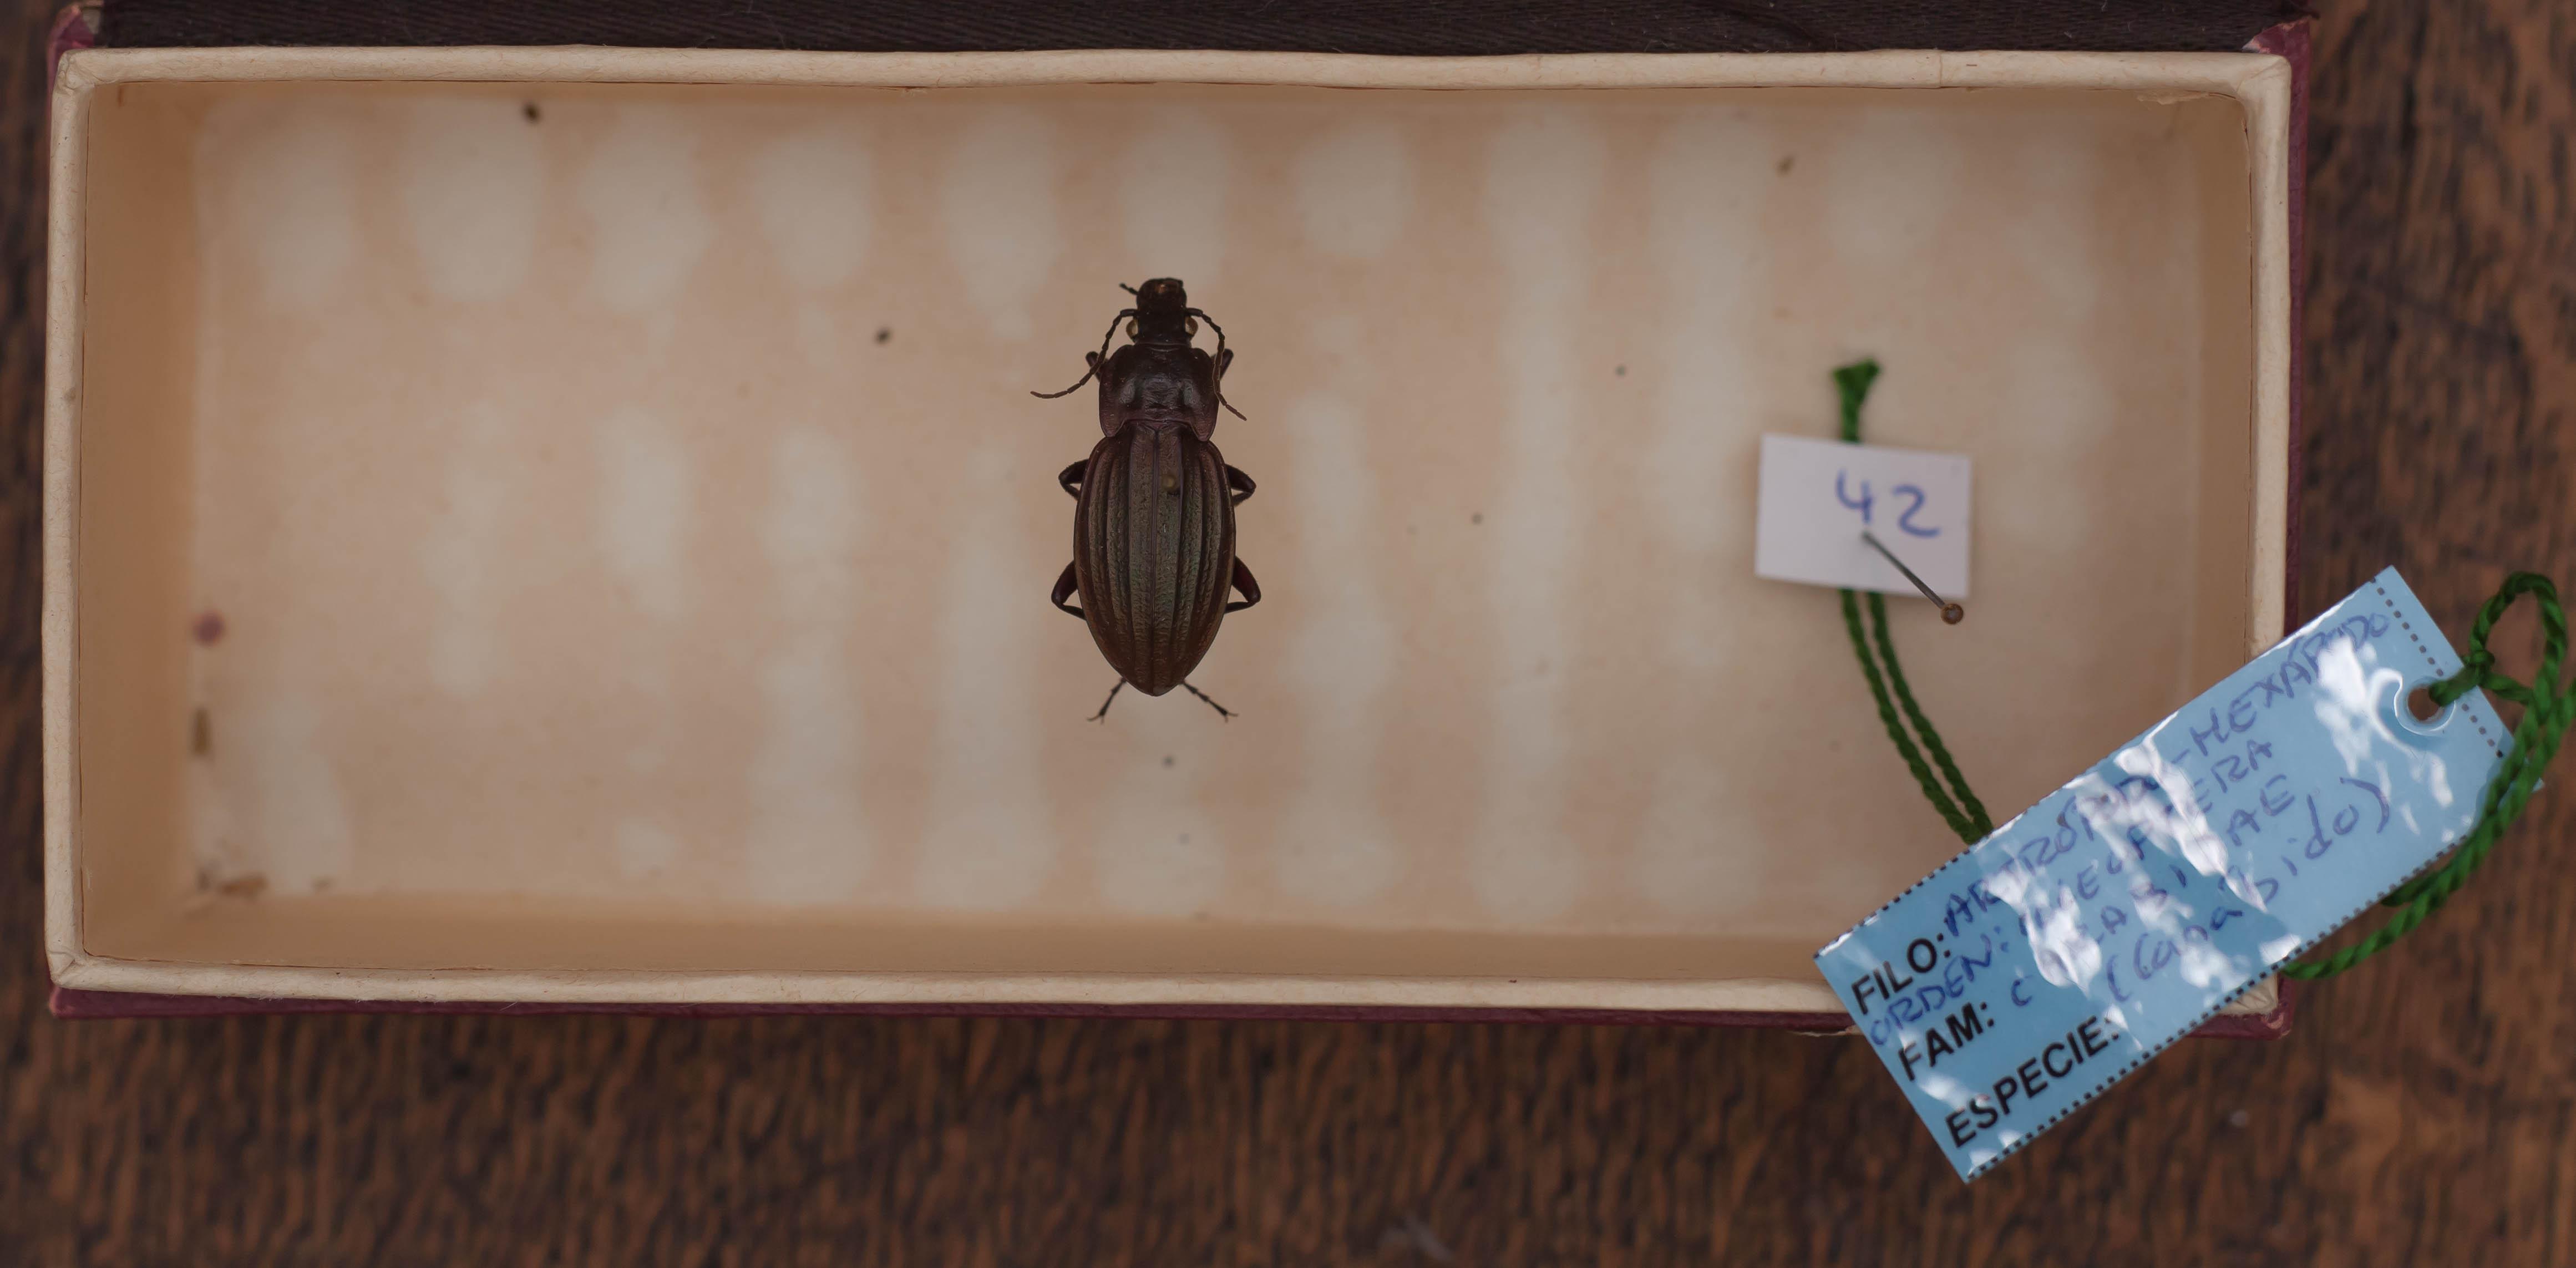 IES_CARDENALCISNEROS_Insectos_014